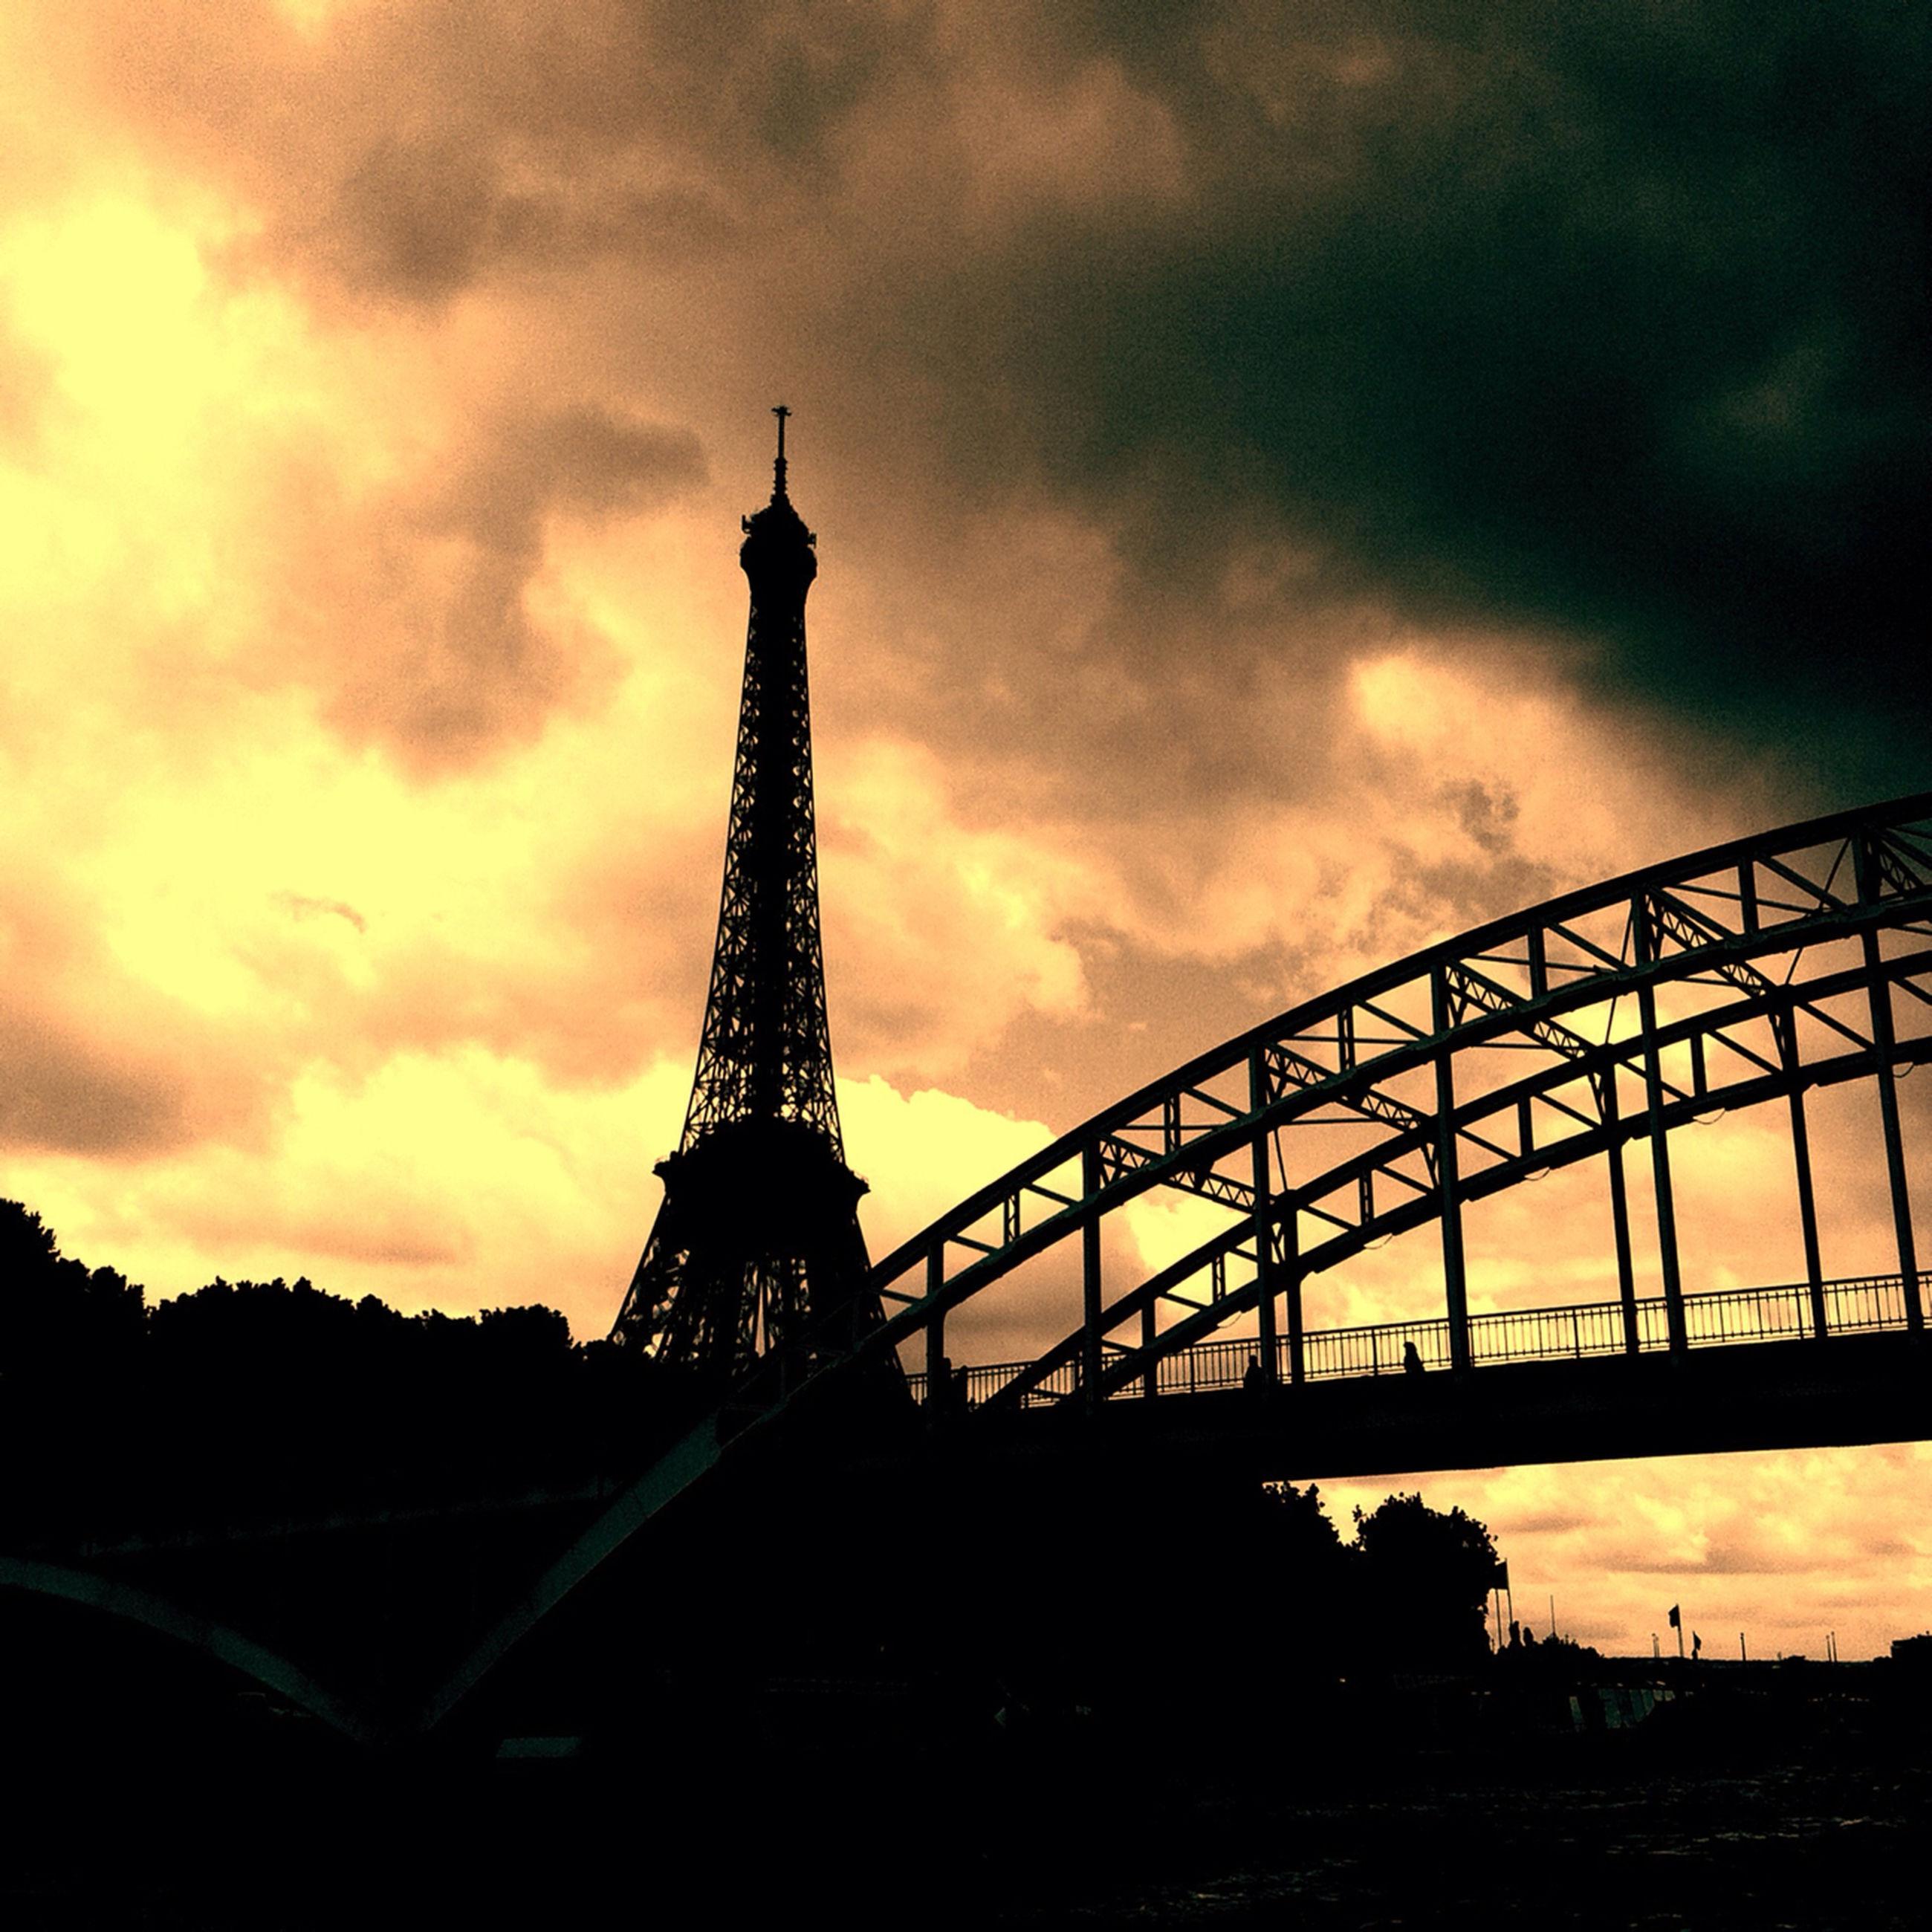 sky, sunset, cloud - sky, built structure, architecture, silhouette, eiffel tower, cloudy, famous place, international landmark, low angle view, travel destinations, orange color, metal, tower, travel, tourism, cloud, dusk, culture